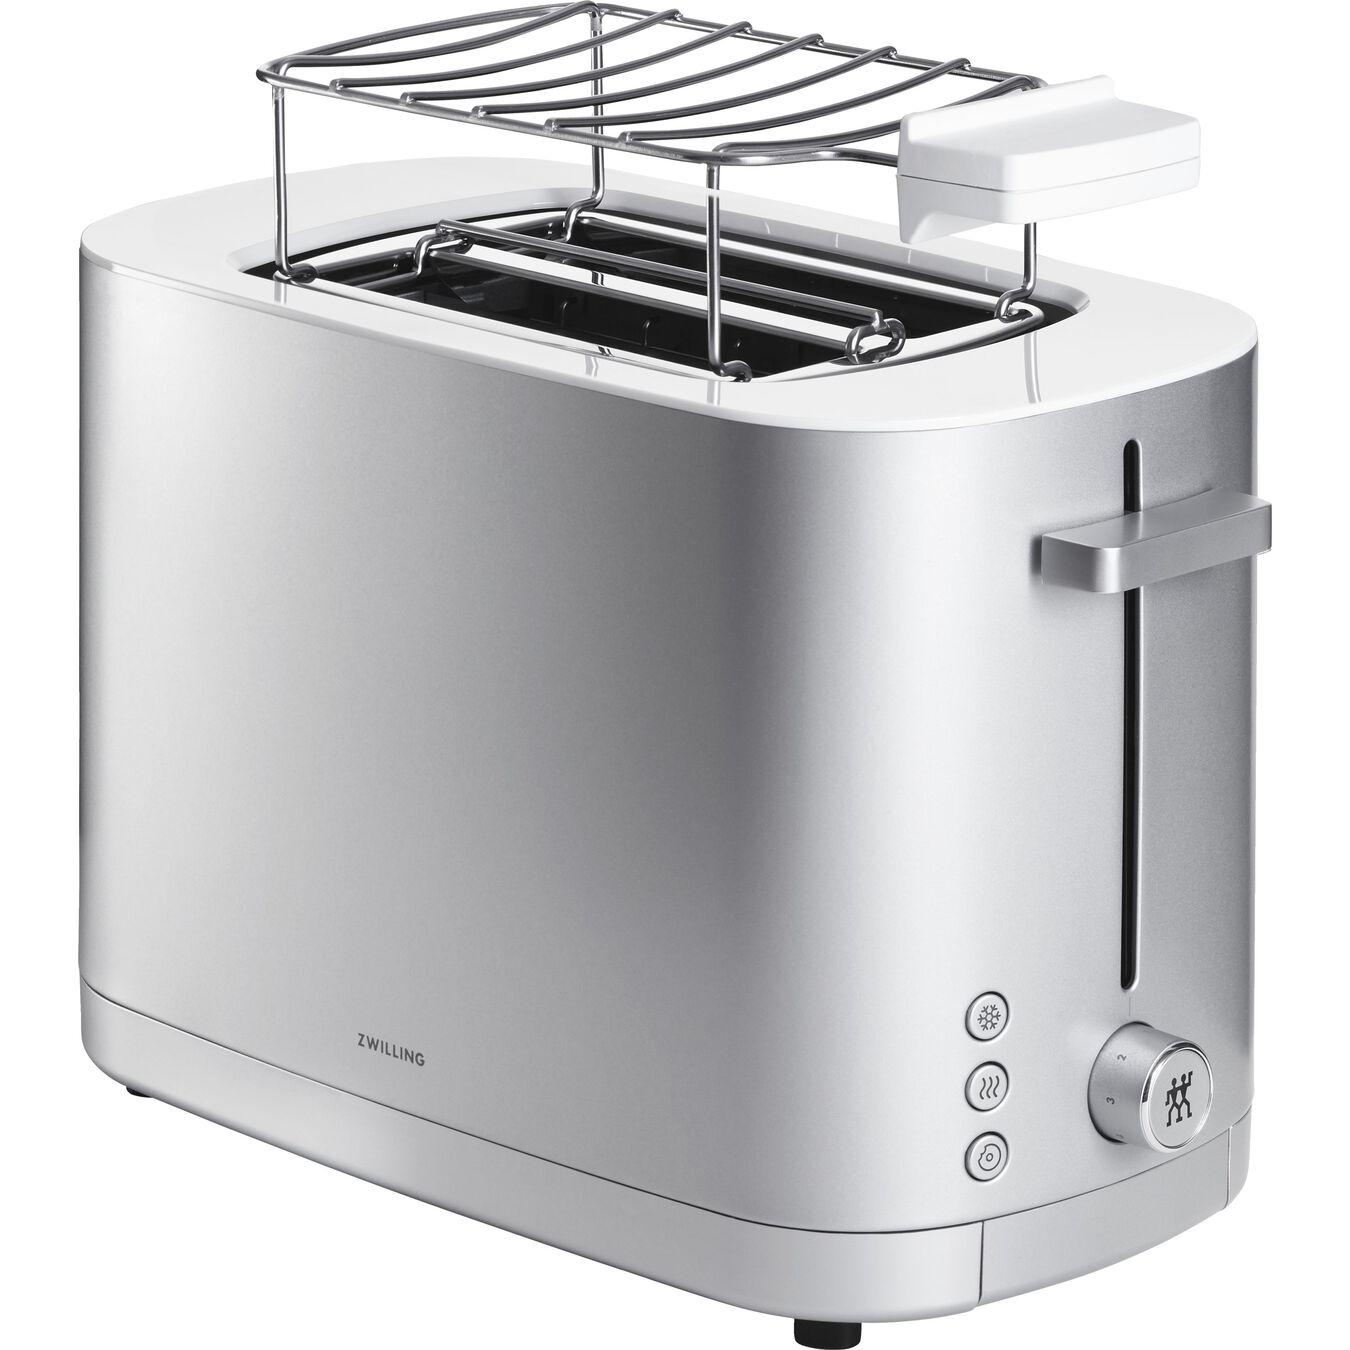 Ekmek Kızartma Makinesi çörek ısıtıcılı | 2 yuva 2 dilim,,large 8